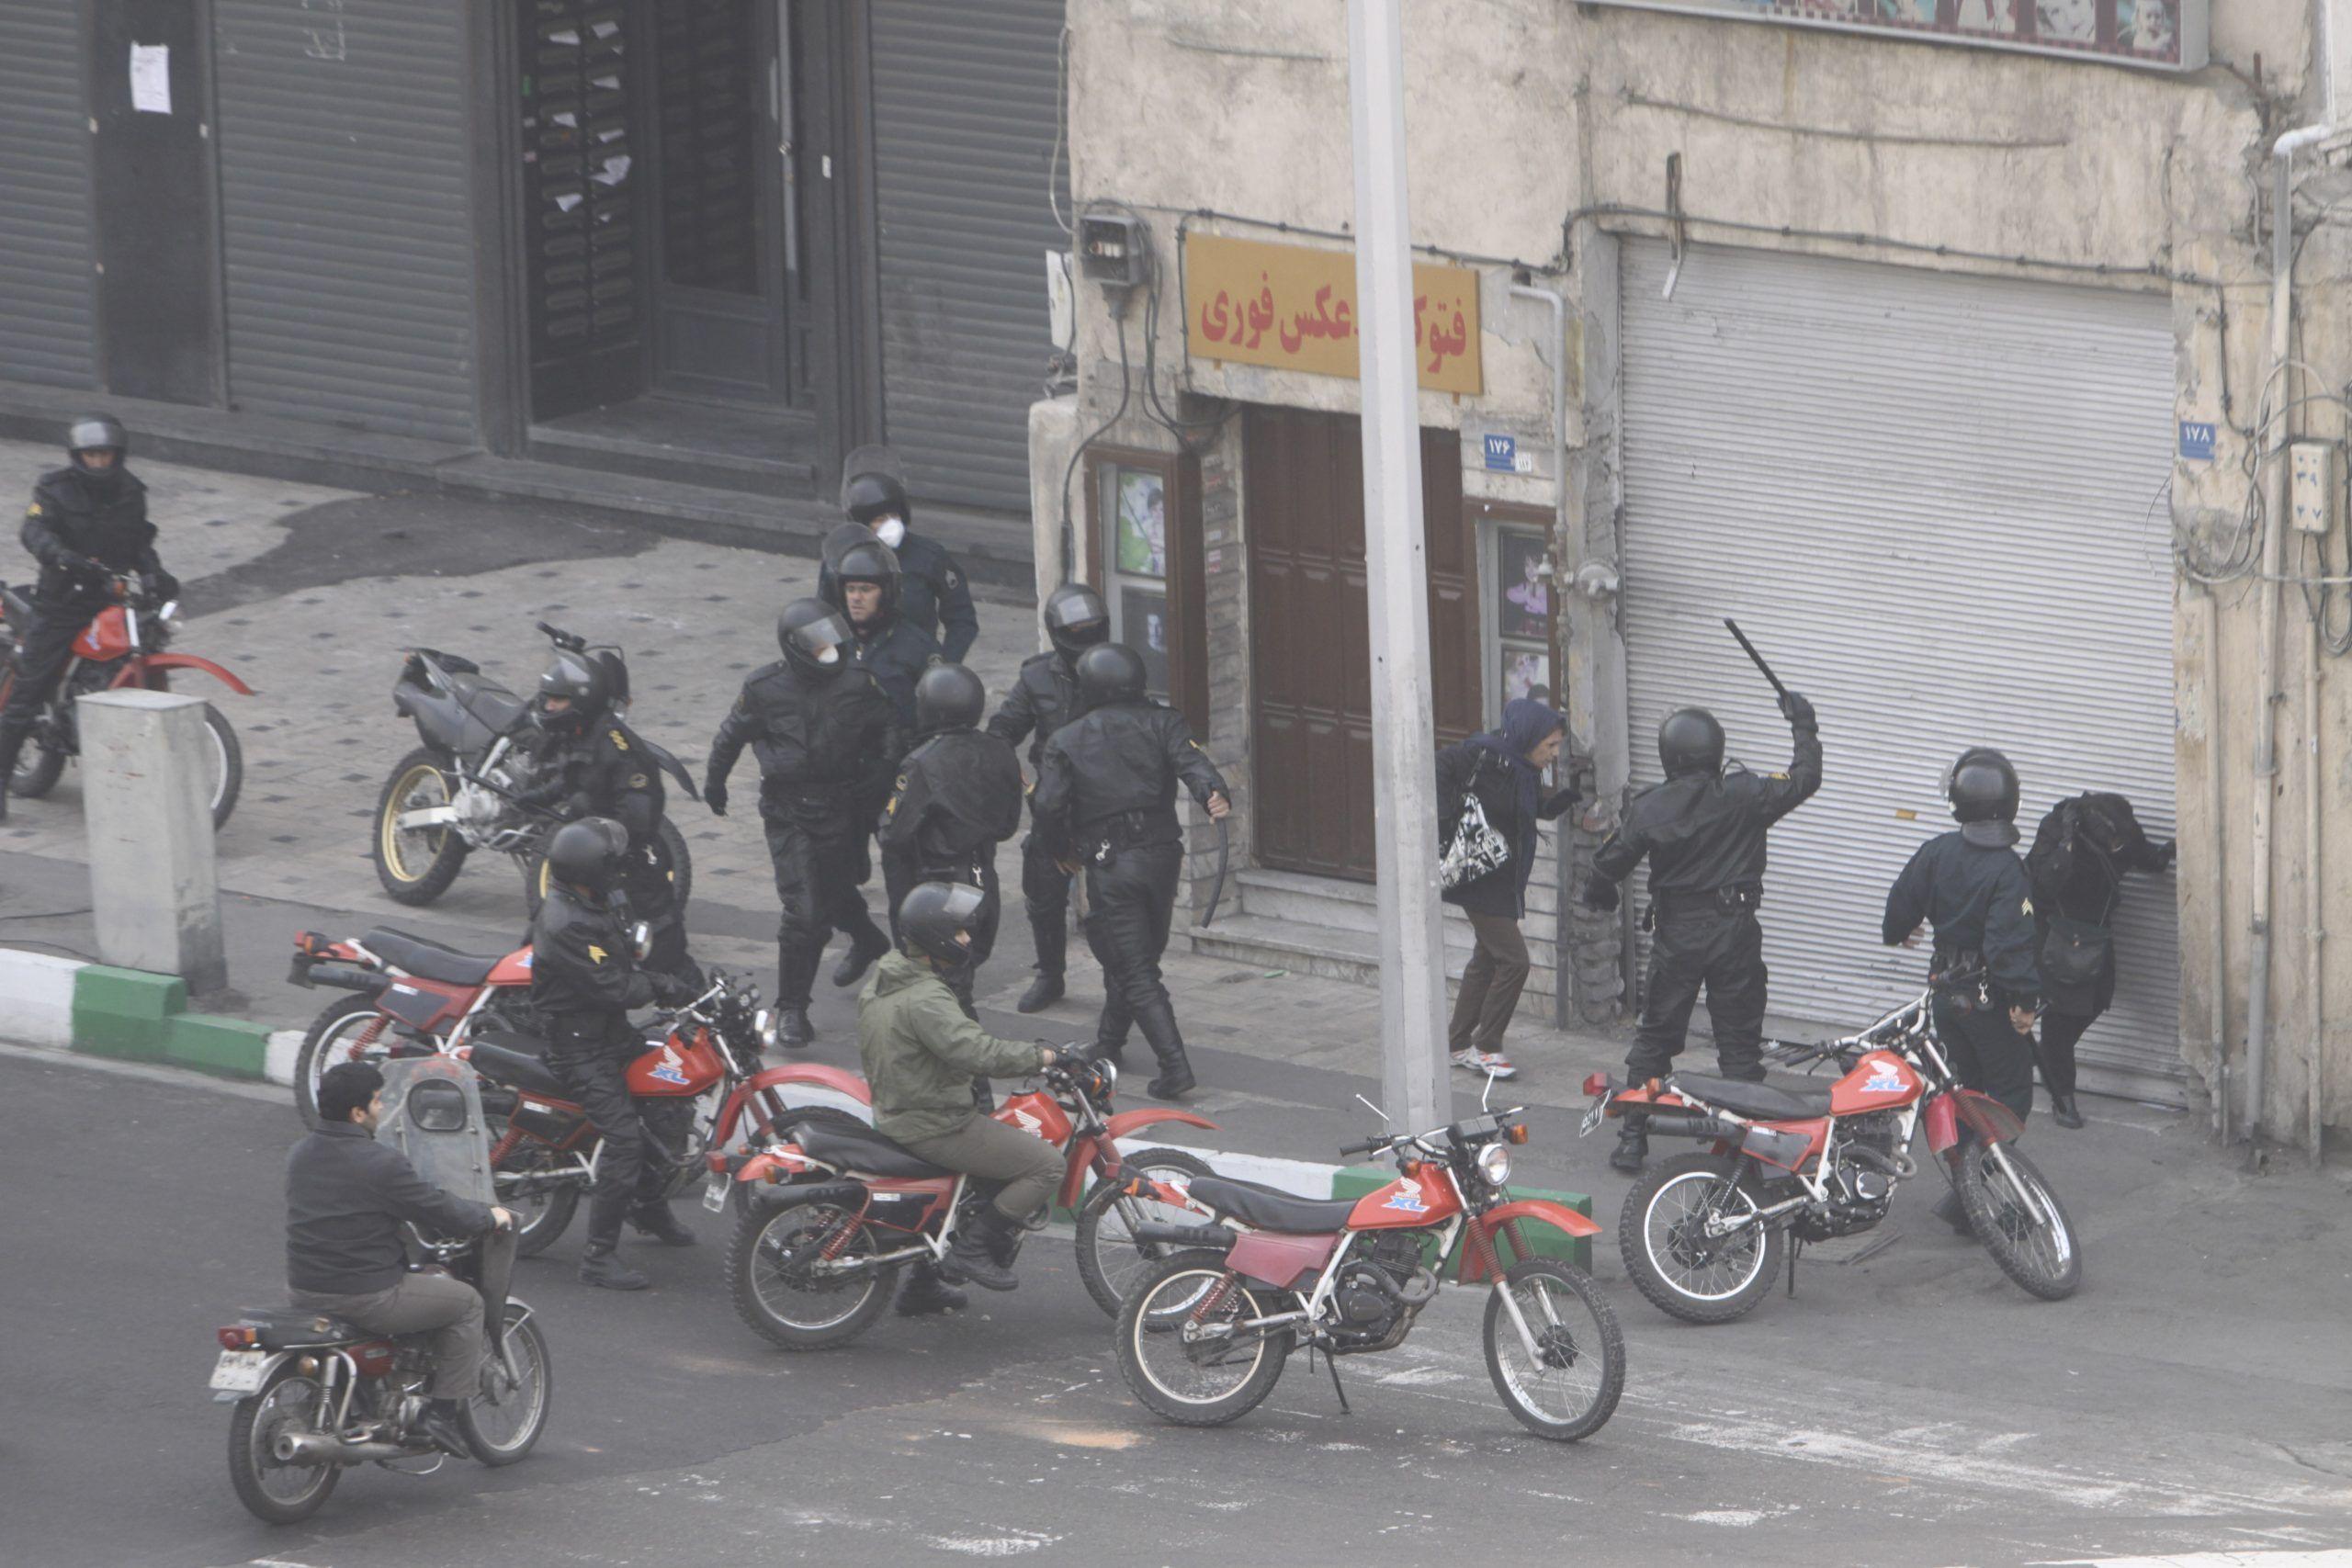 FILE PHOTO: Anti-government protesters clash in Tehran, Iran. REUTERS./